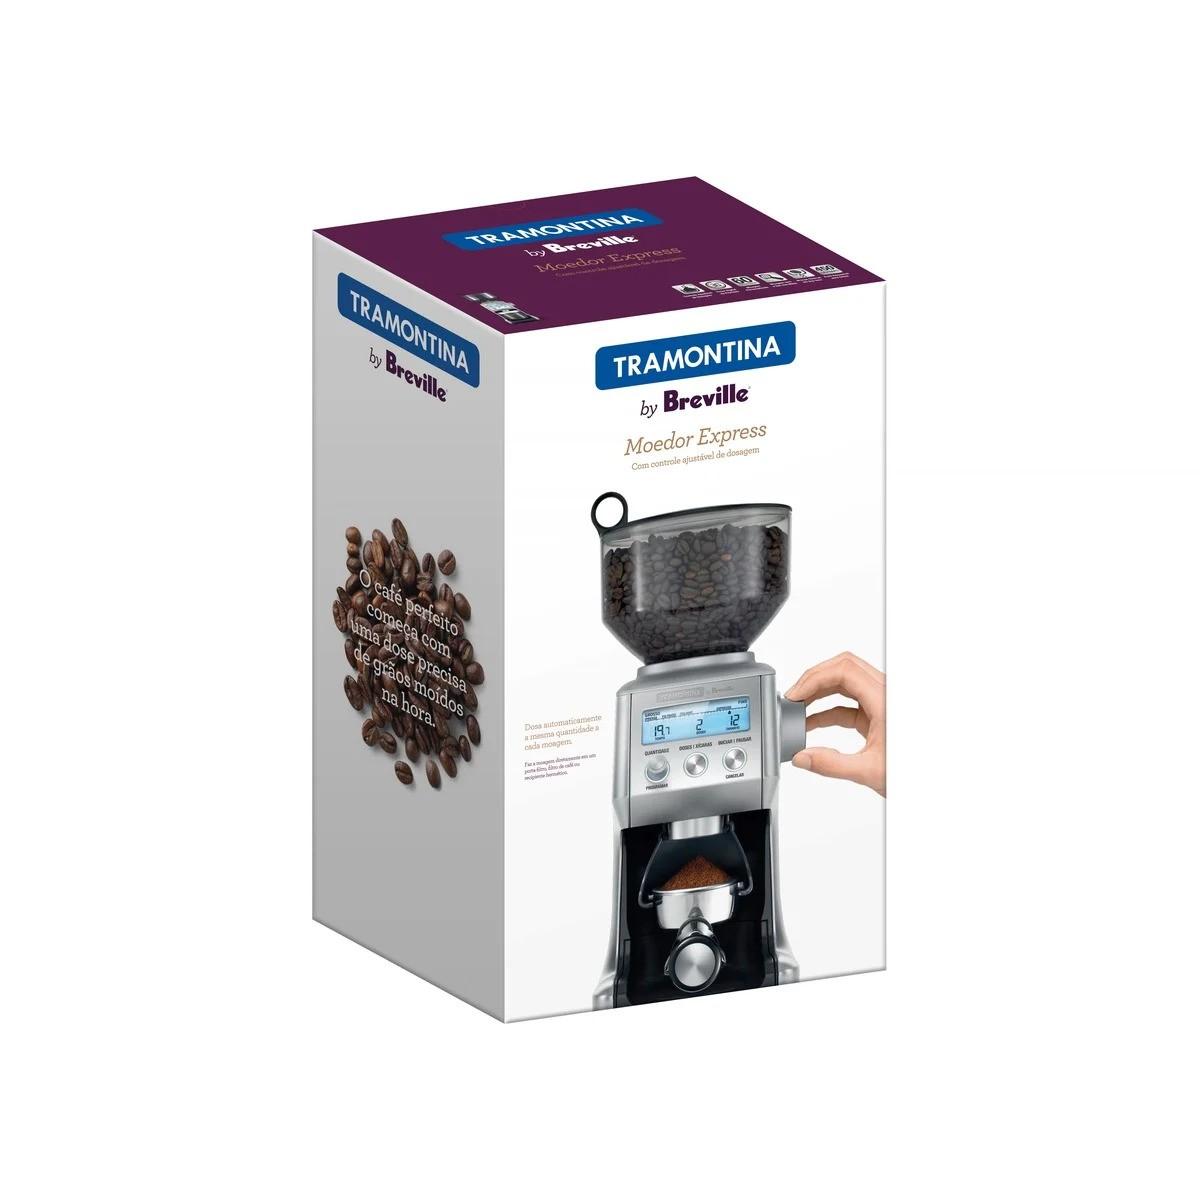 Moedor de Café Tramontina by Breville Express em Aço Inox 60 Níveis de Moagem 127 V Moinho